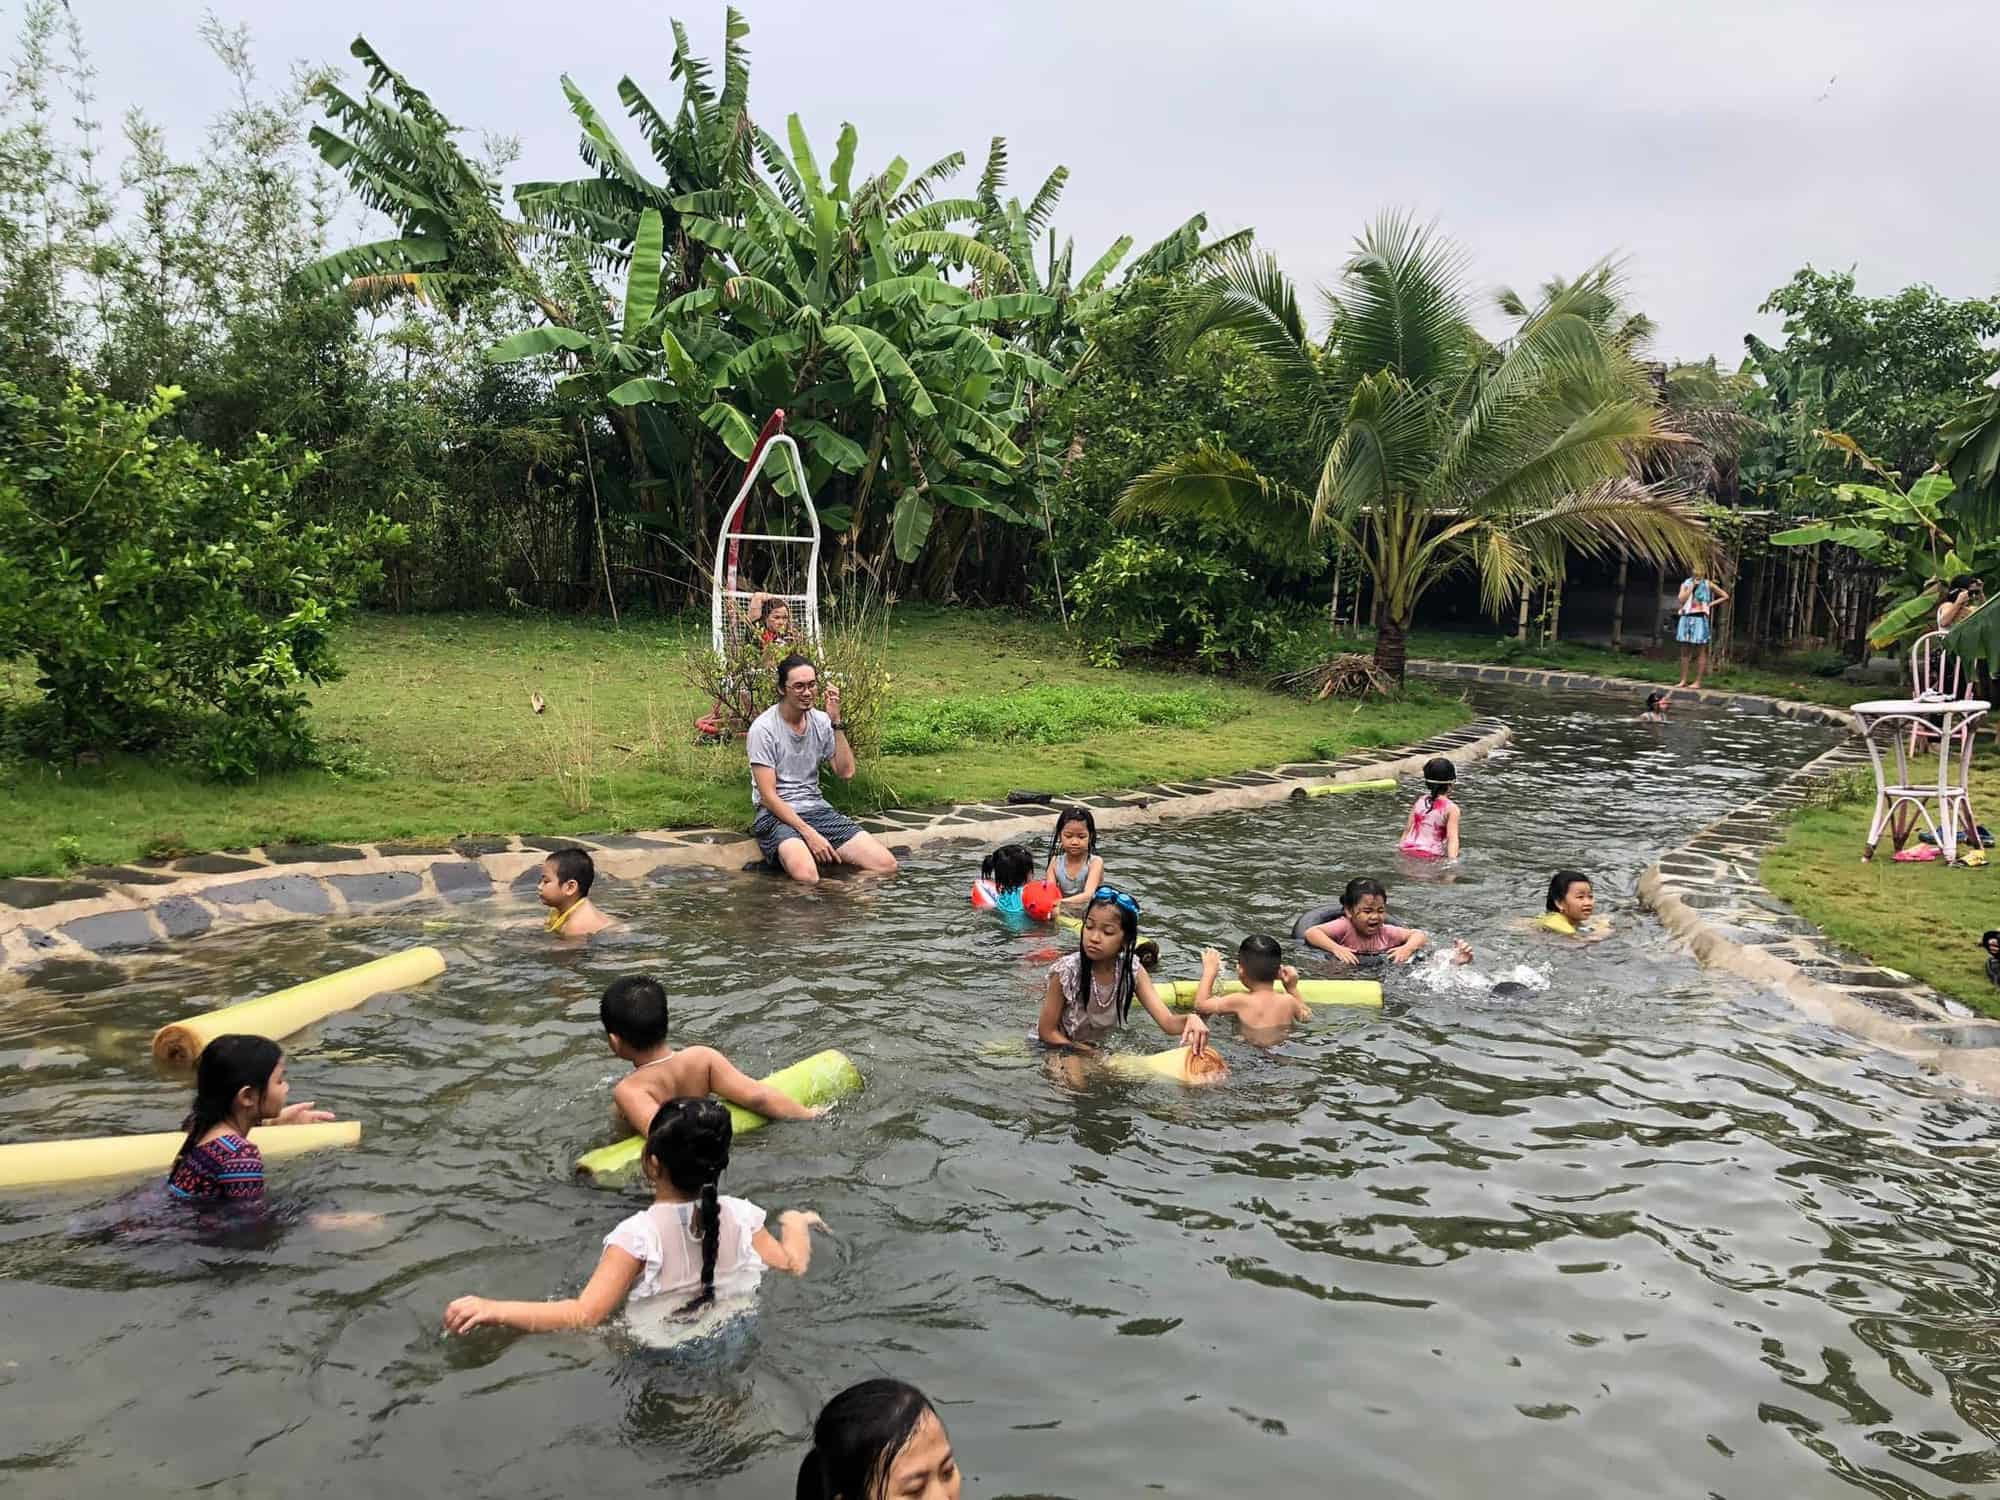 Giá vé khu du lịch sinh thái Lái Thiêu Đà Nẵng